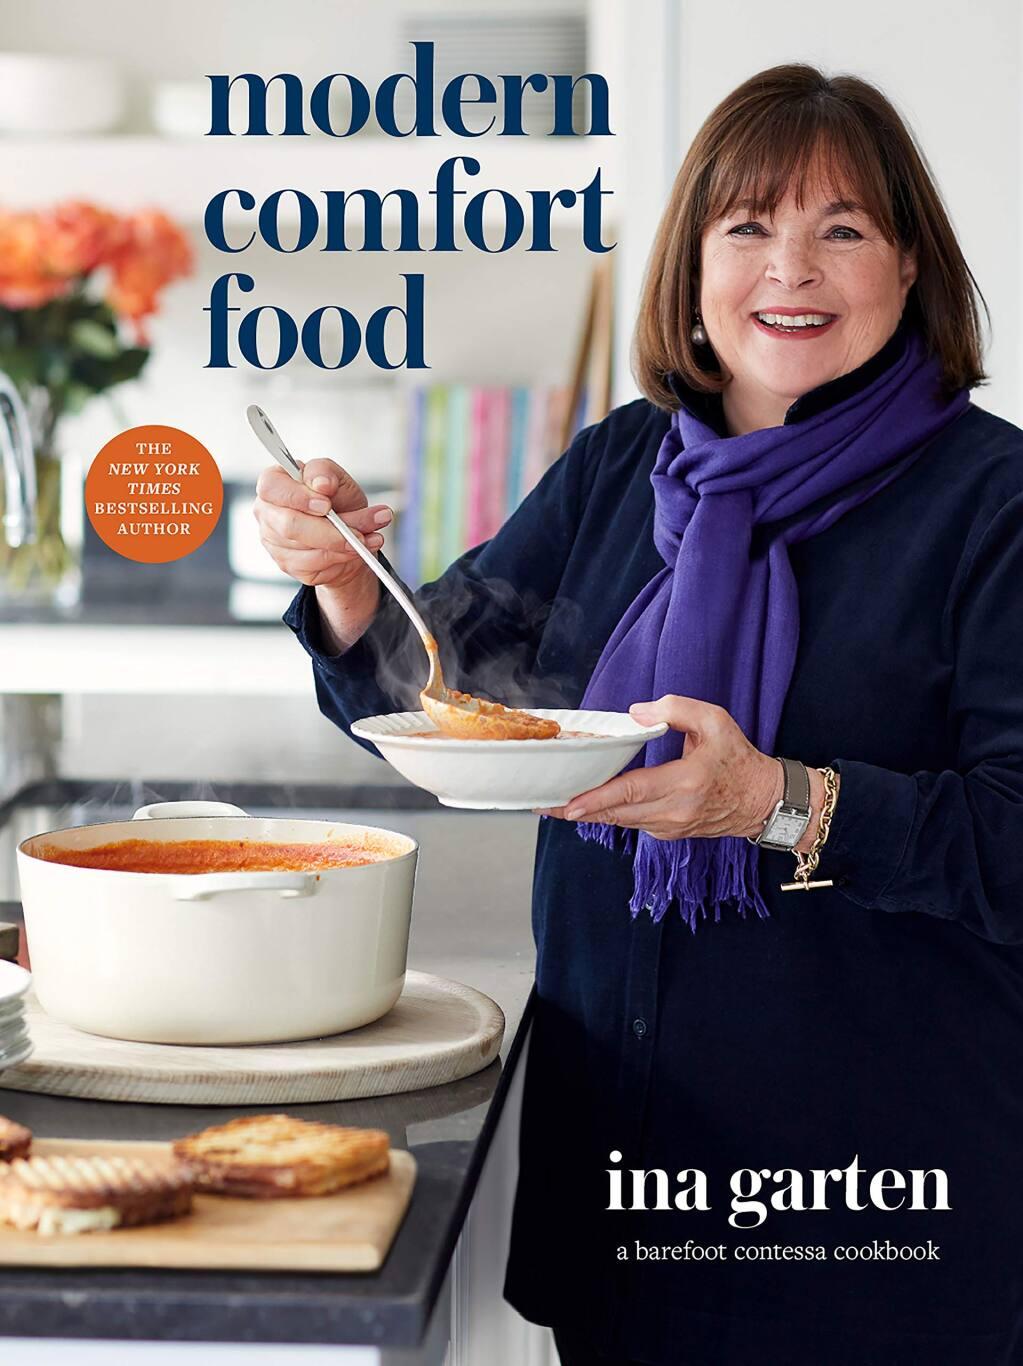 """Ina Garten's """"Modern Comfort Food"""" is the No. bestselling book in Petaluma this week."""